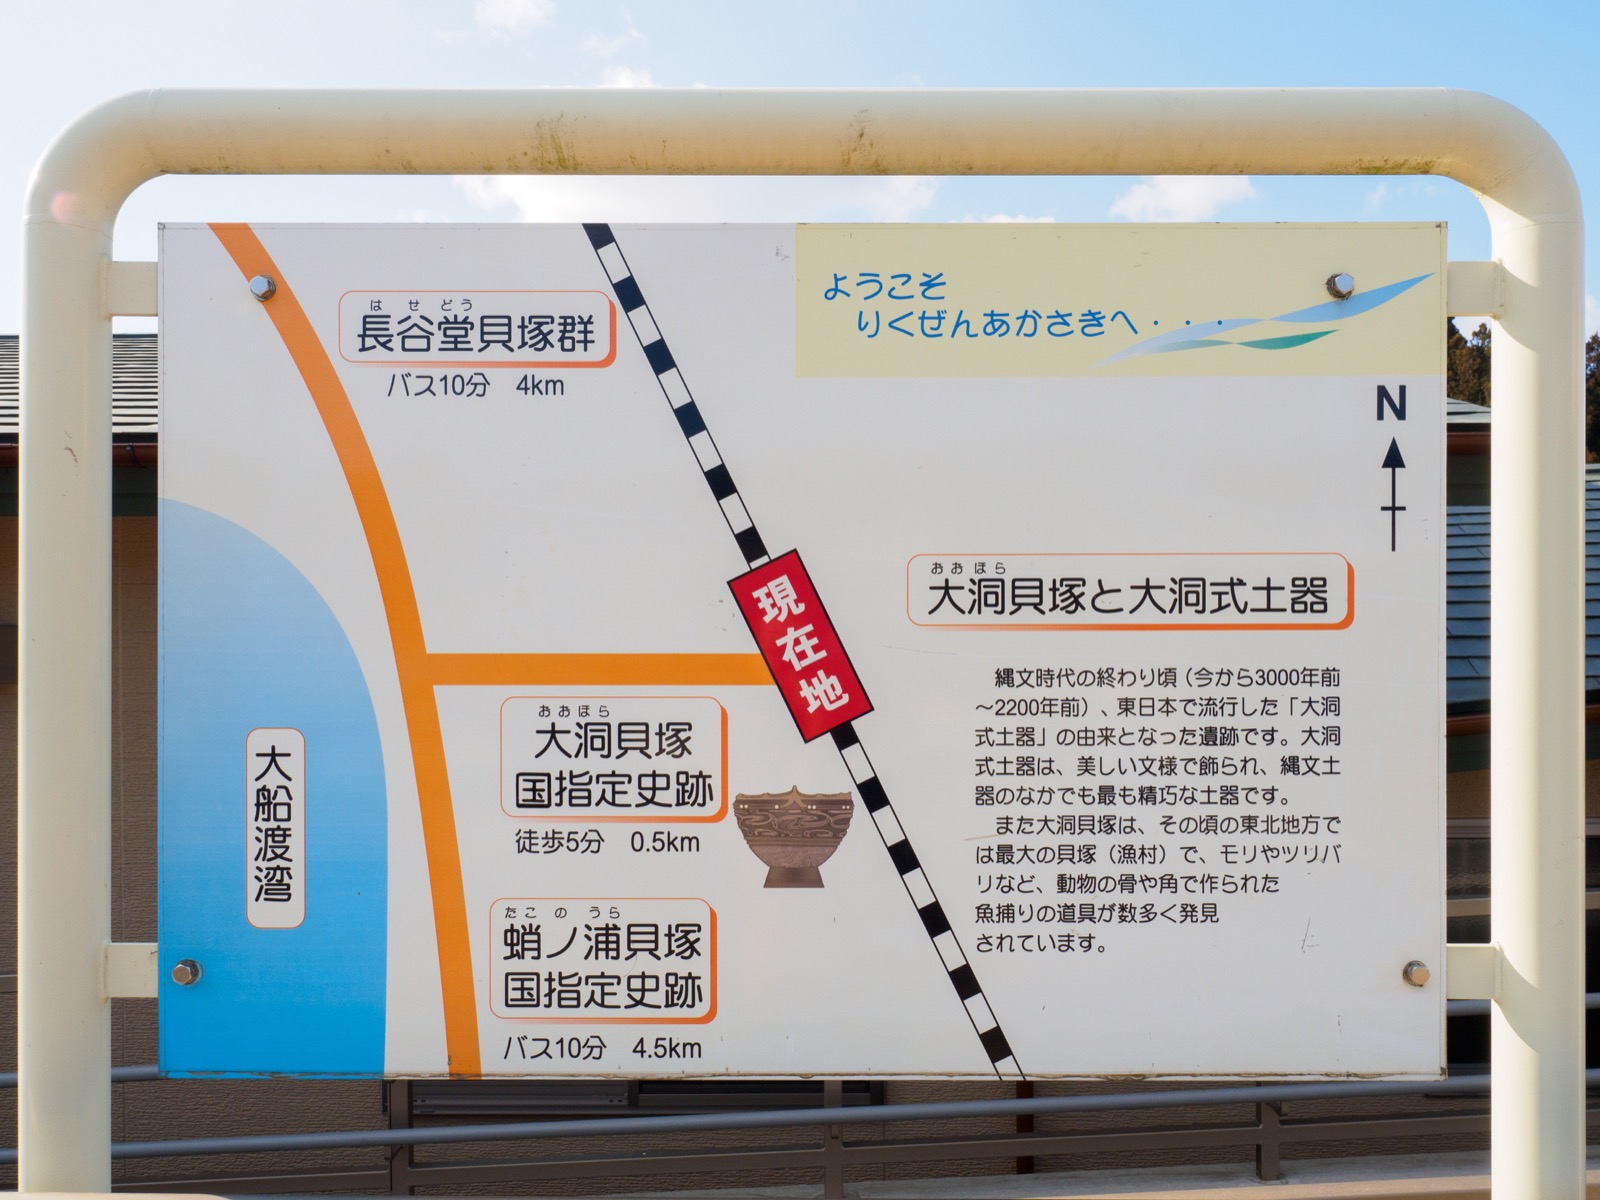 陸前赤崎駅の名所案内